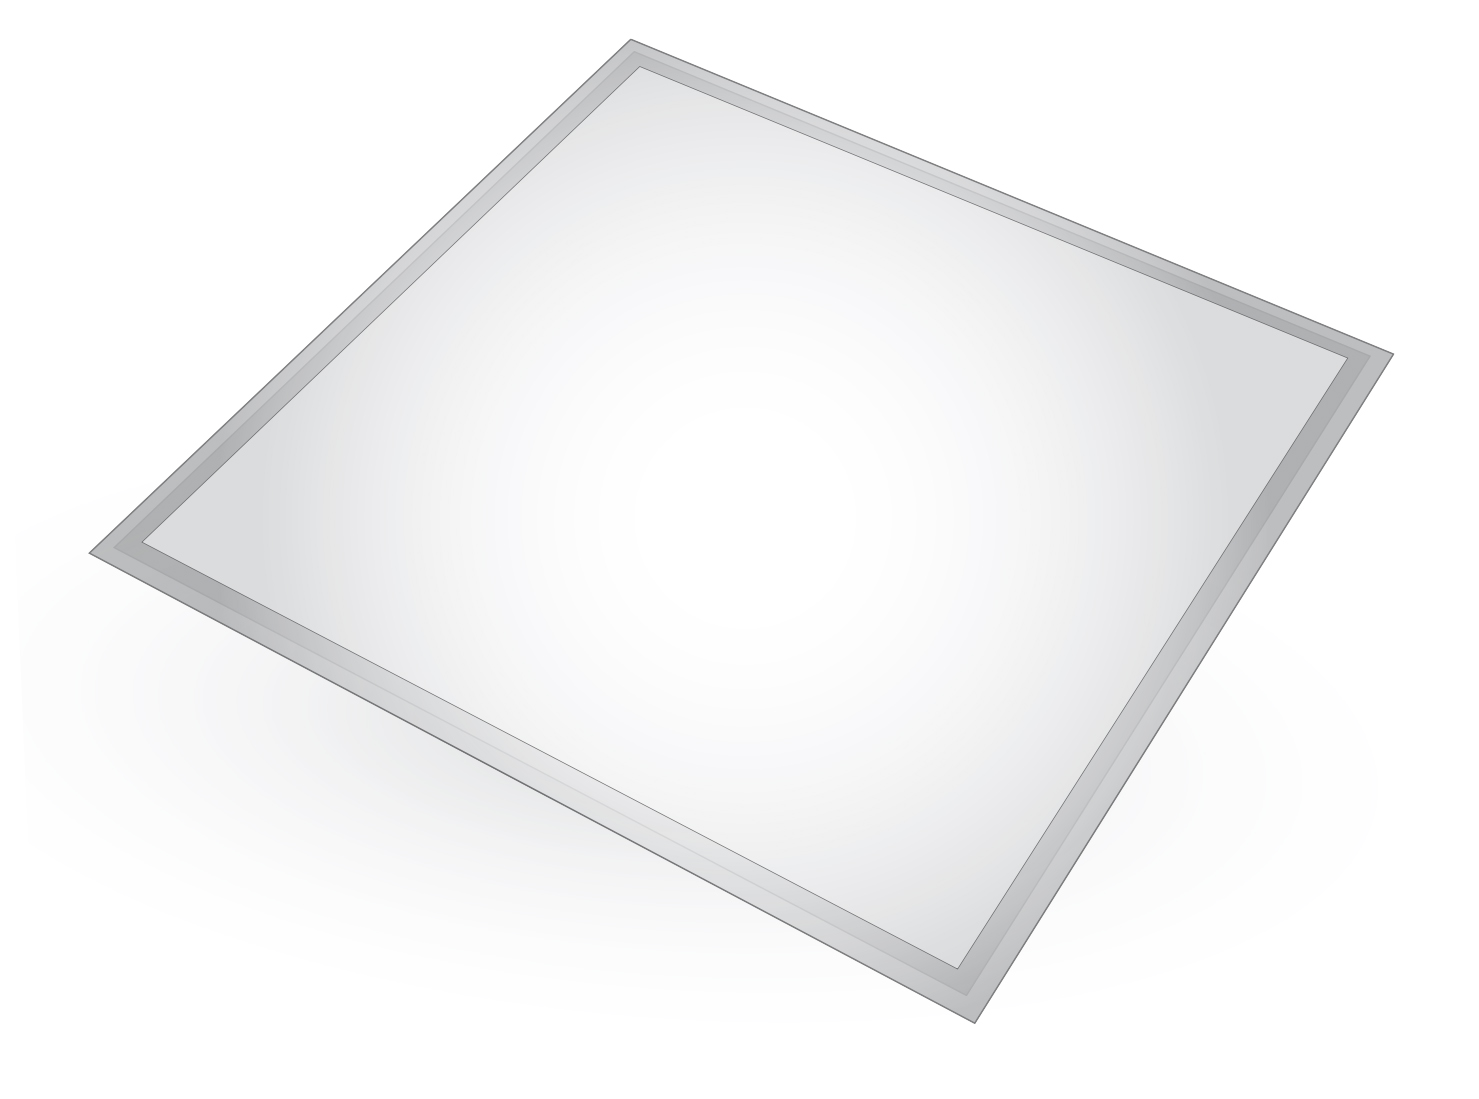 Панель светодиодная Ultraflash Ltl-6060-03